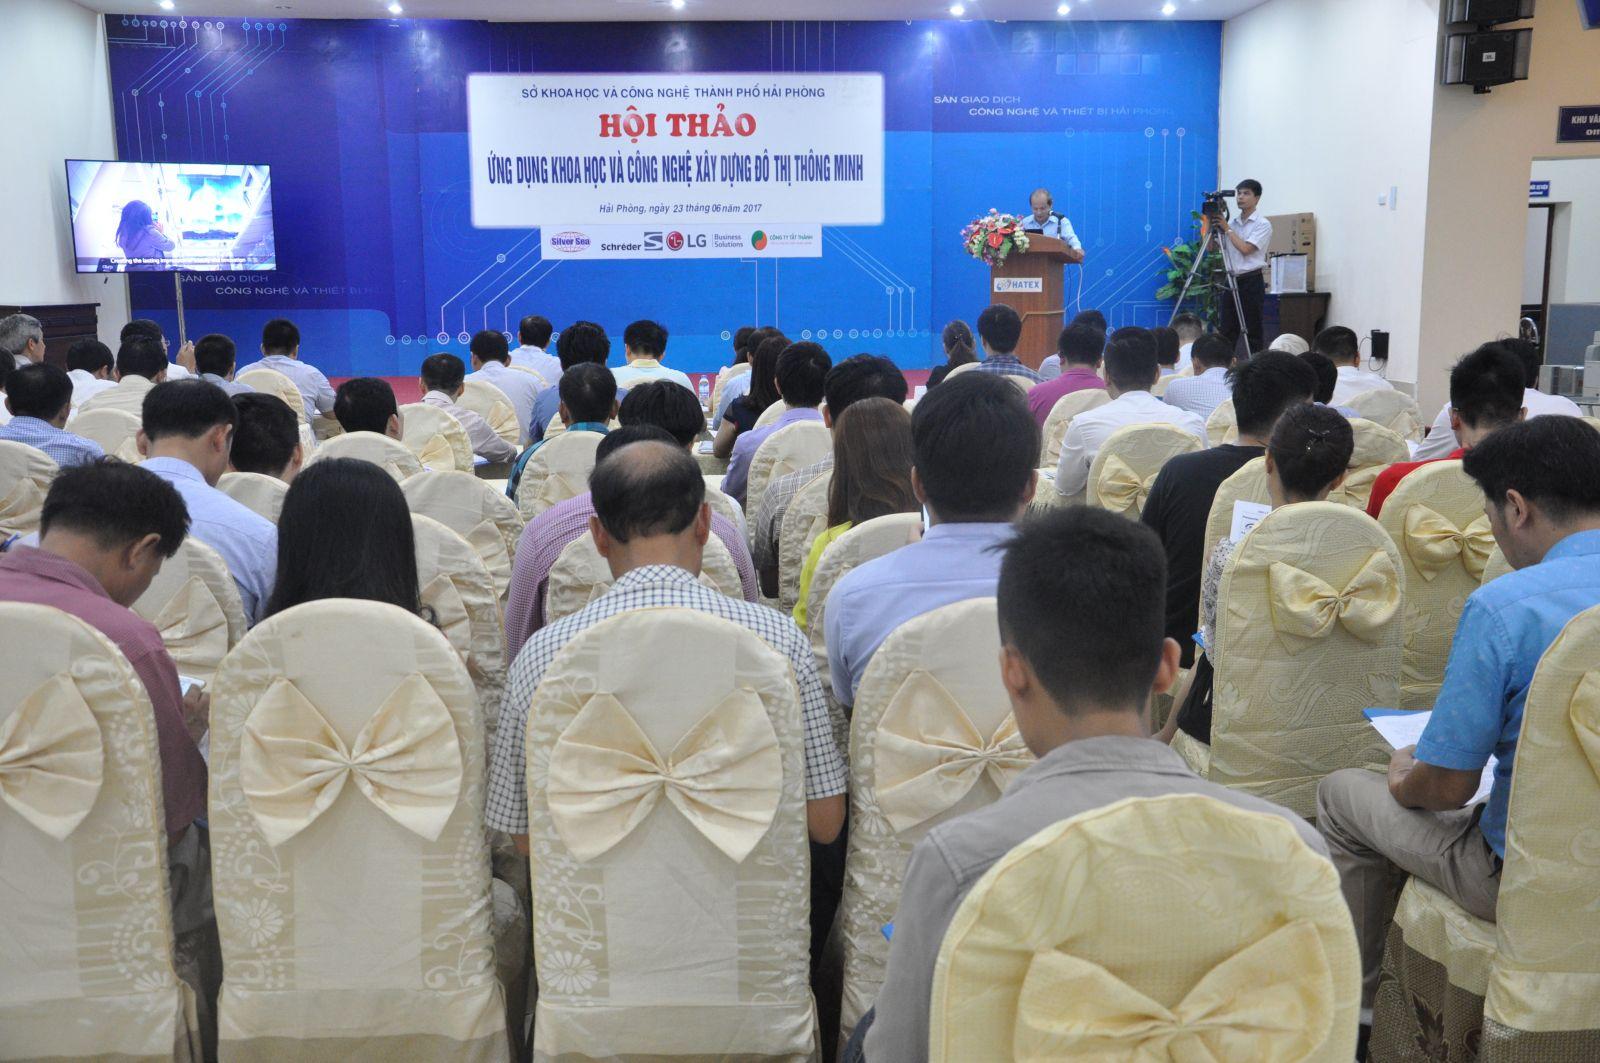 Sàn Giao dịch Công nghệ và Thiết bị Hải Phòng tổ chức hội thảo khoa học với chủ đề